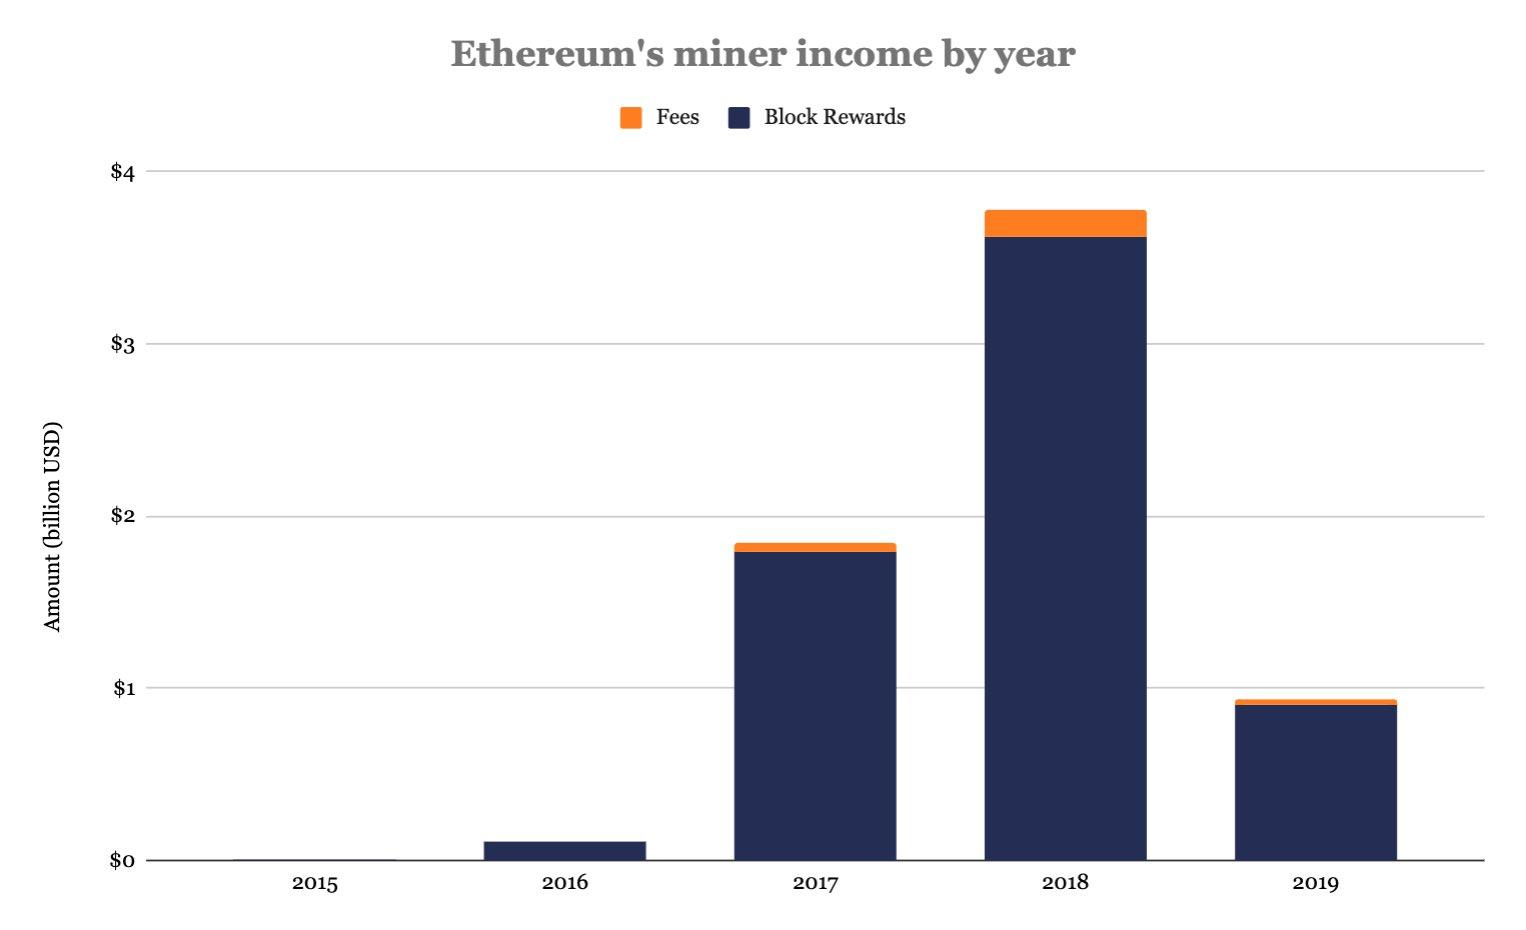 Майнеры bitcoin в 2019 году заработали на 80% больше, чем добытчики Ethereum